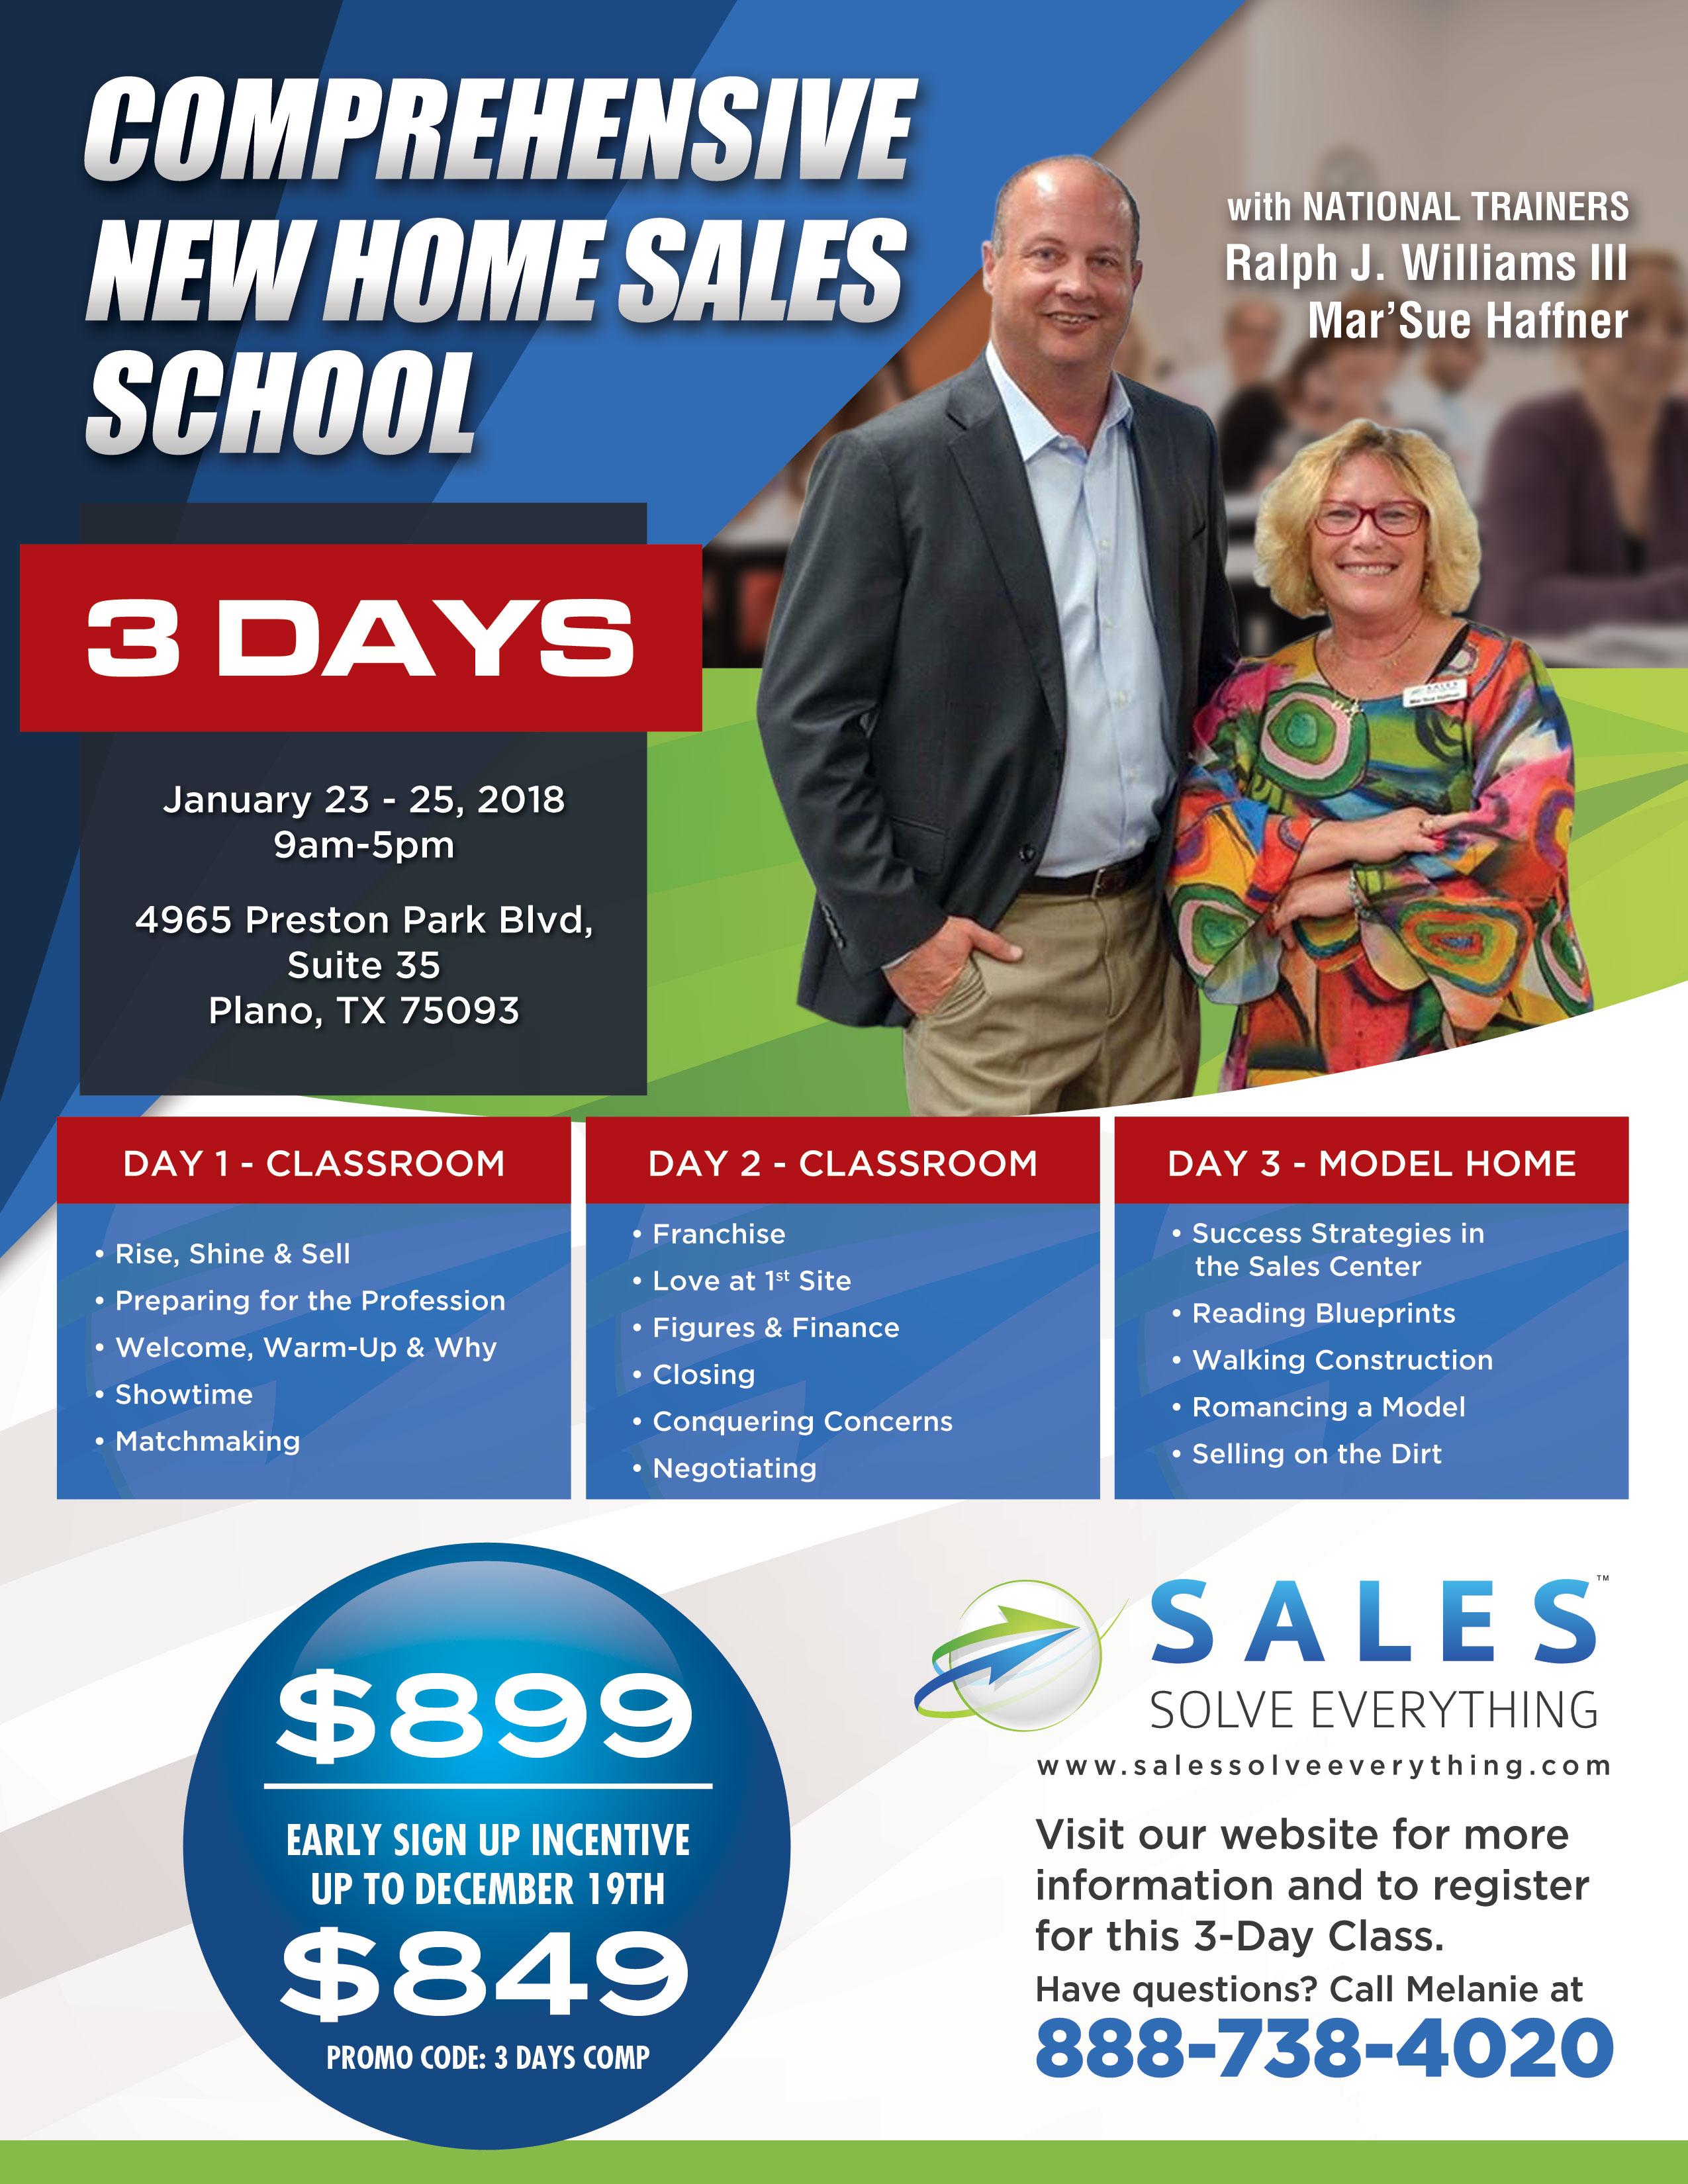 Comprehensive New Home Sales School